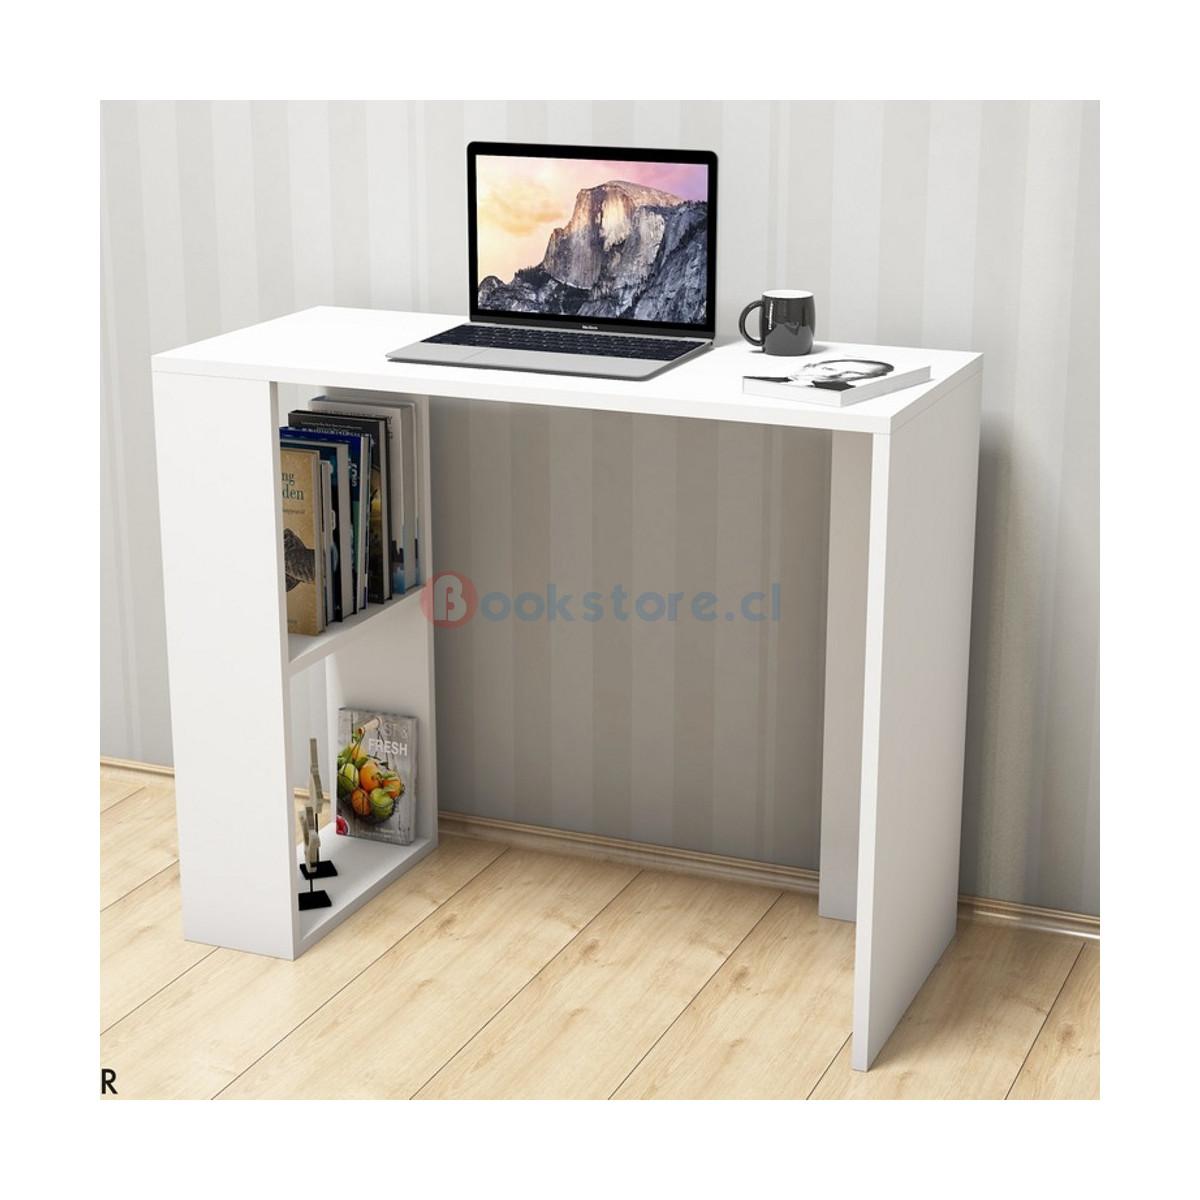 Escritorio Florencia En Melamina Madera Con Estanteria Puedes acceder a escritorio remoto de chrome desde un ordenador conectándote a internet. escritorio florencia en melamina madera con estanteria